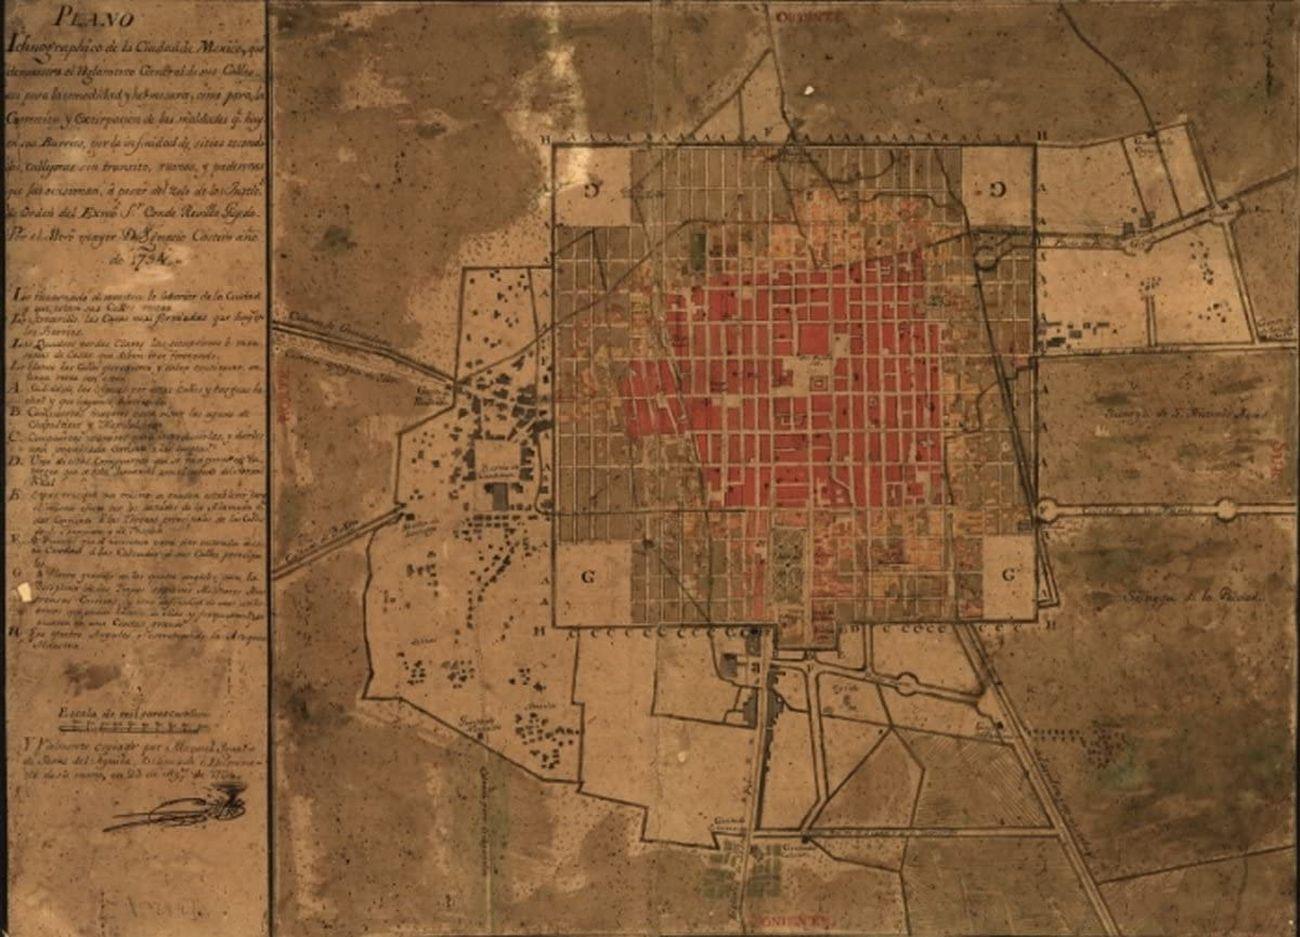 Città del Messico nel 1794